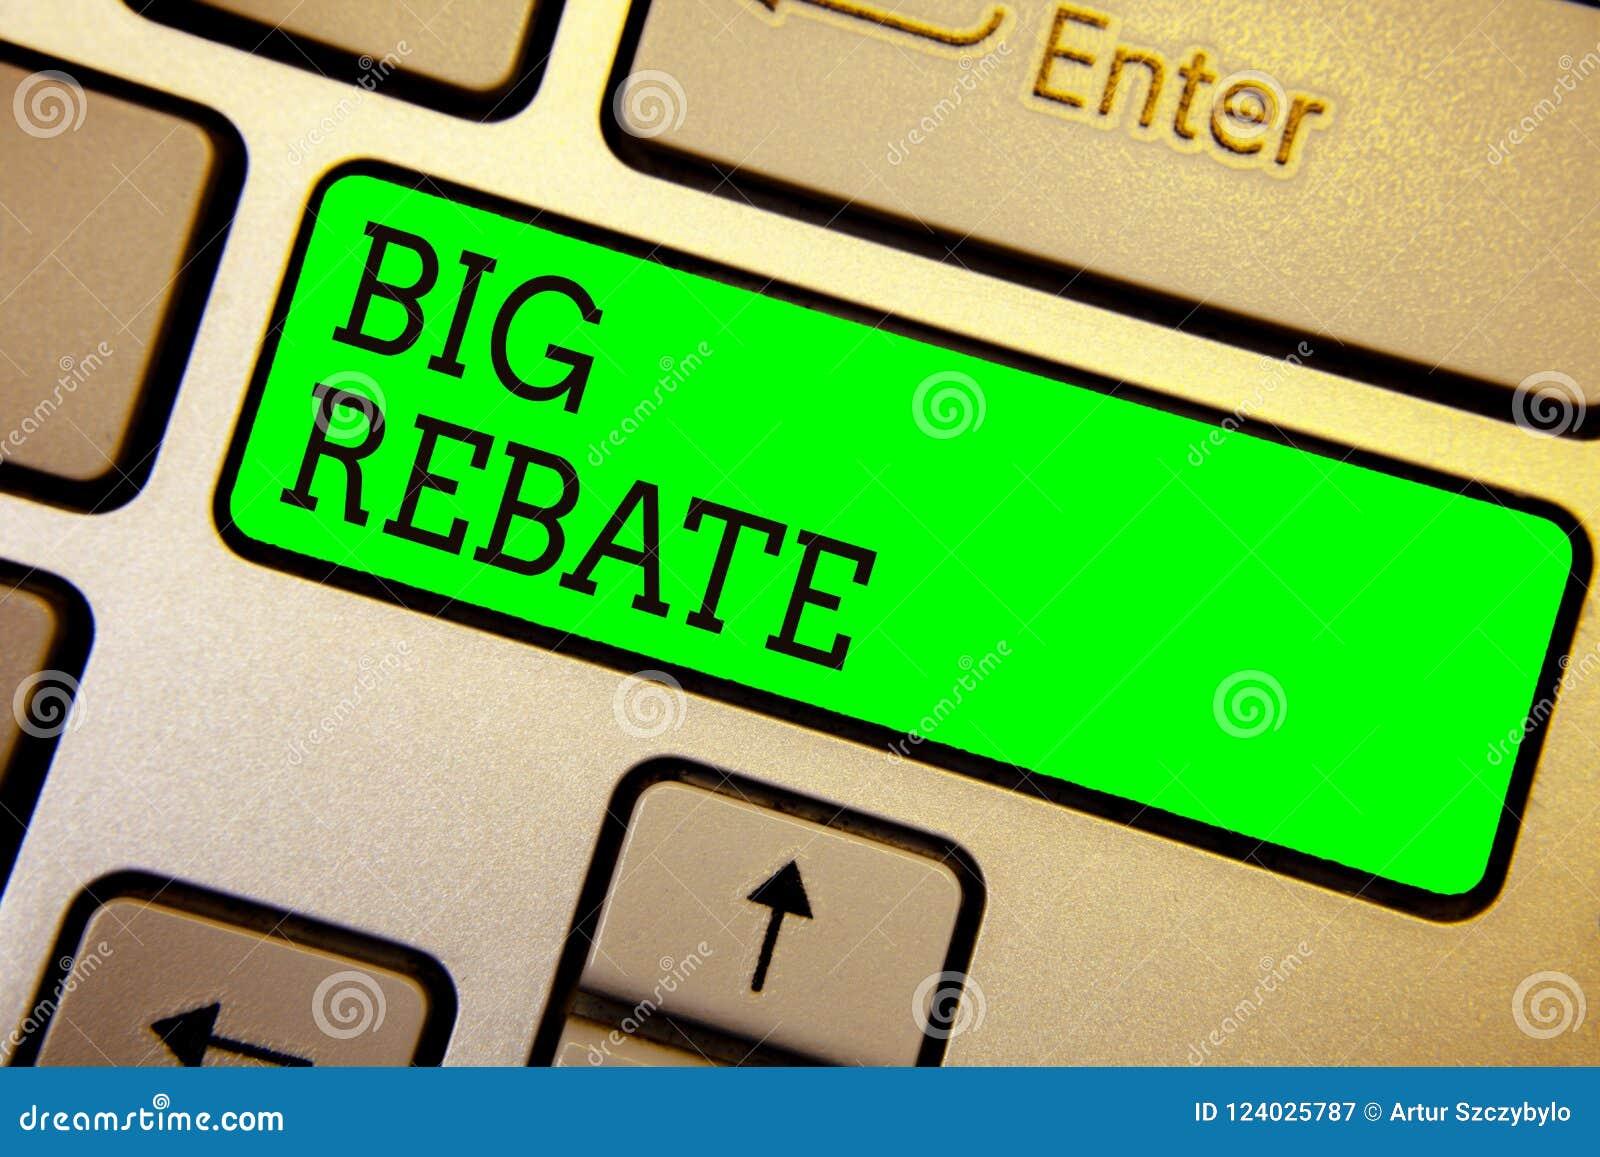 显示大折扣的文字笔记 陈列可能得到的巨大的奖励的企业照片您允诺了到一个特别电视节目预告键盘